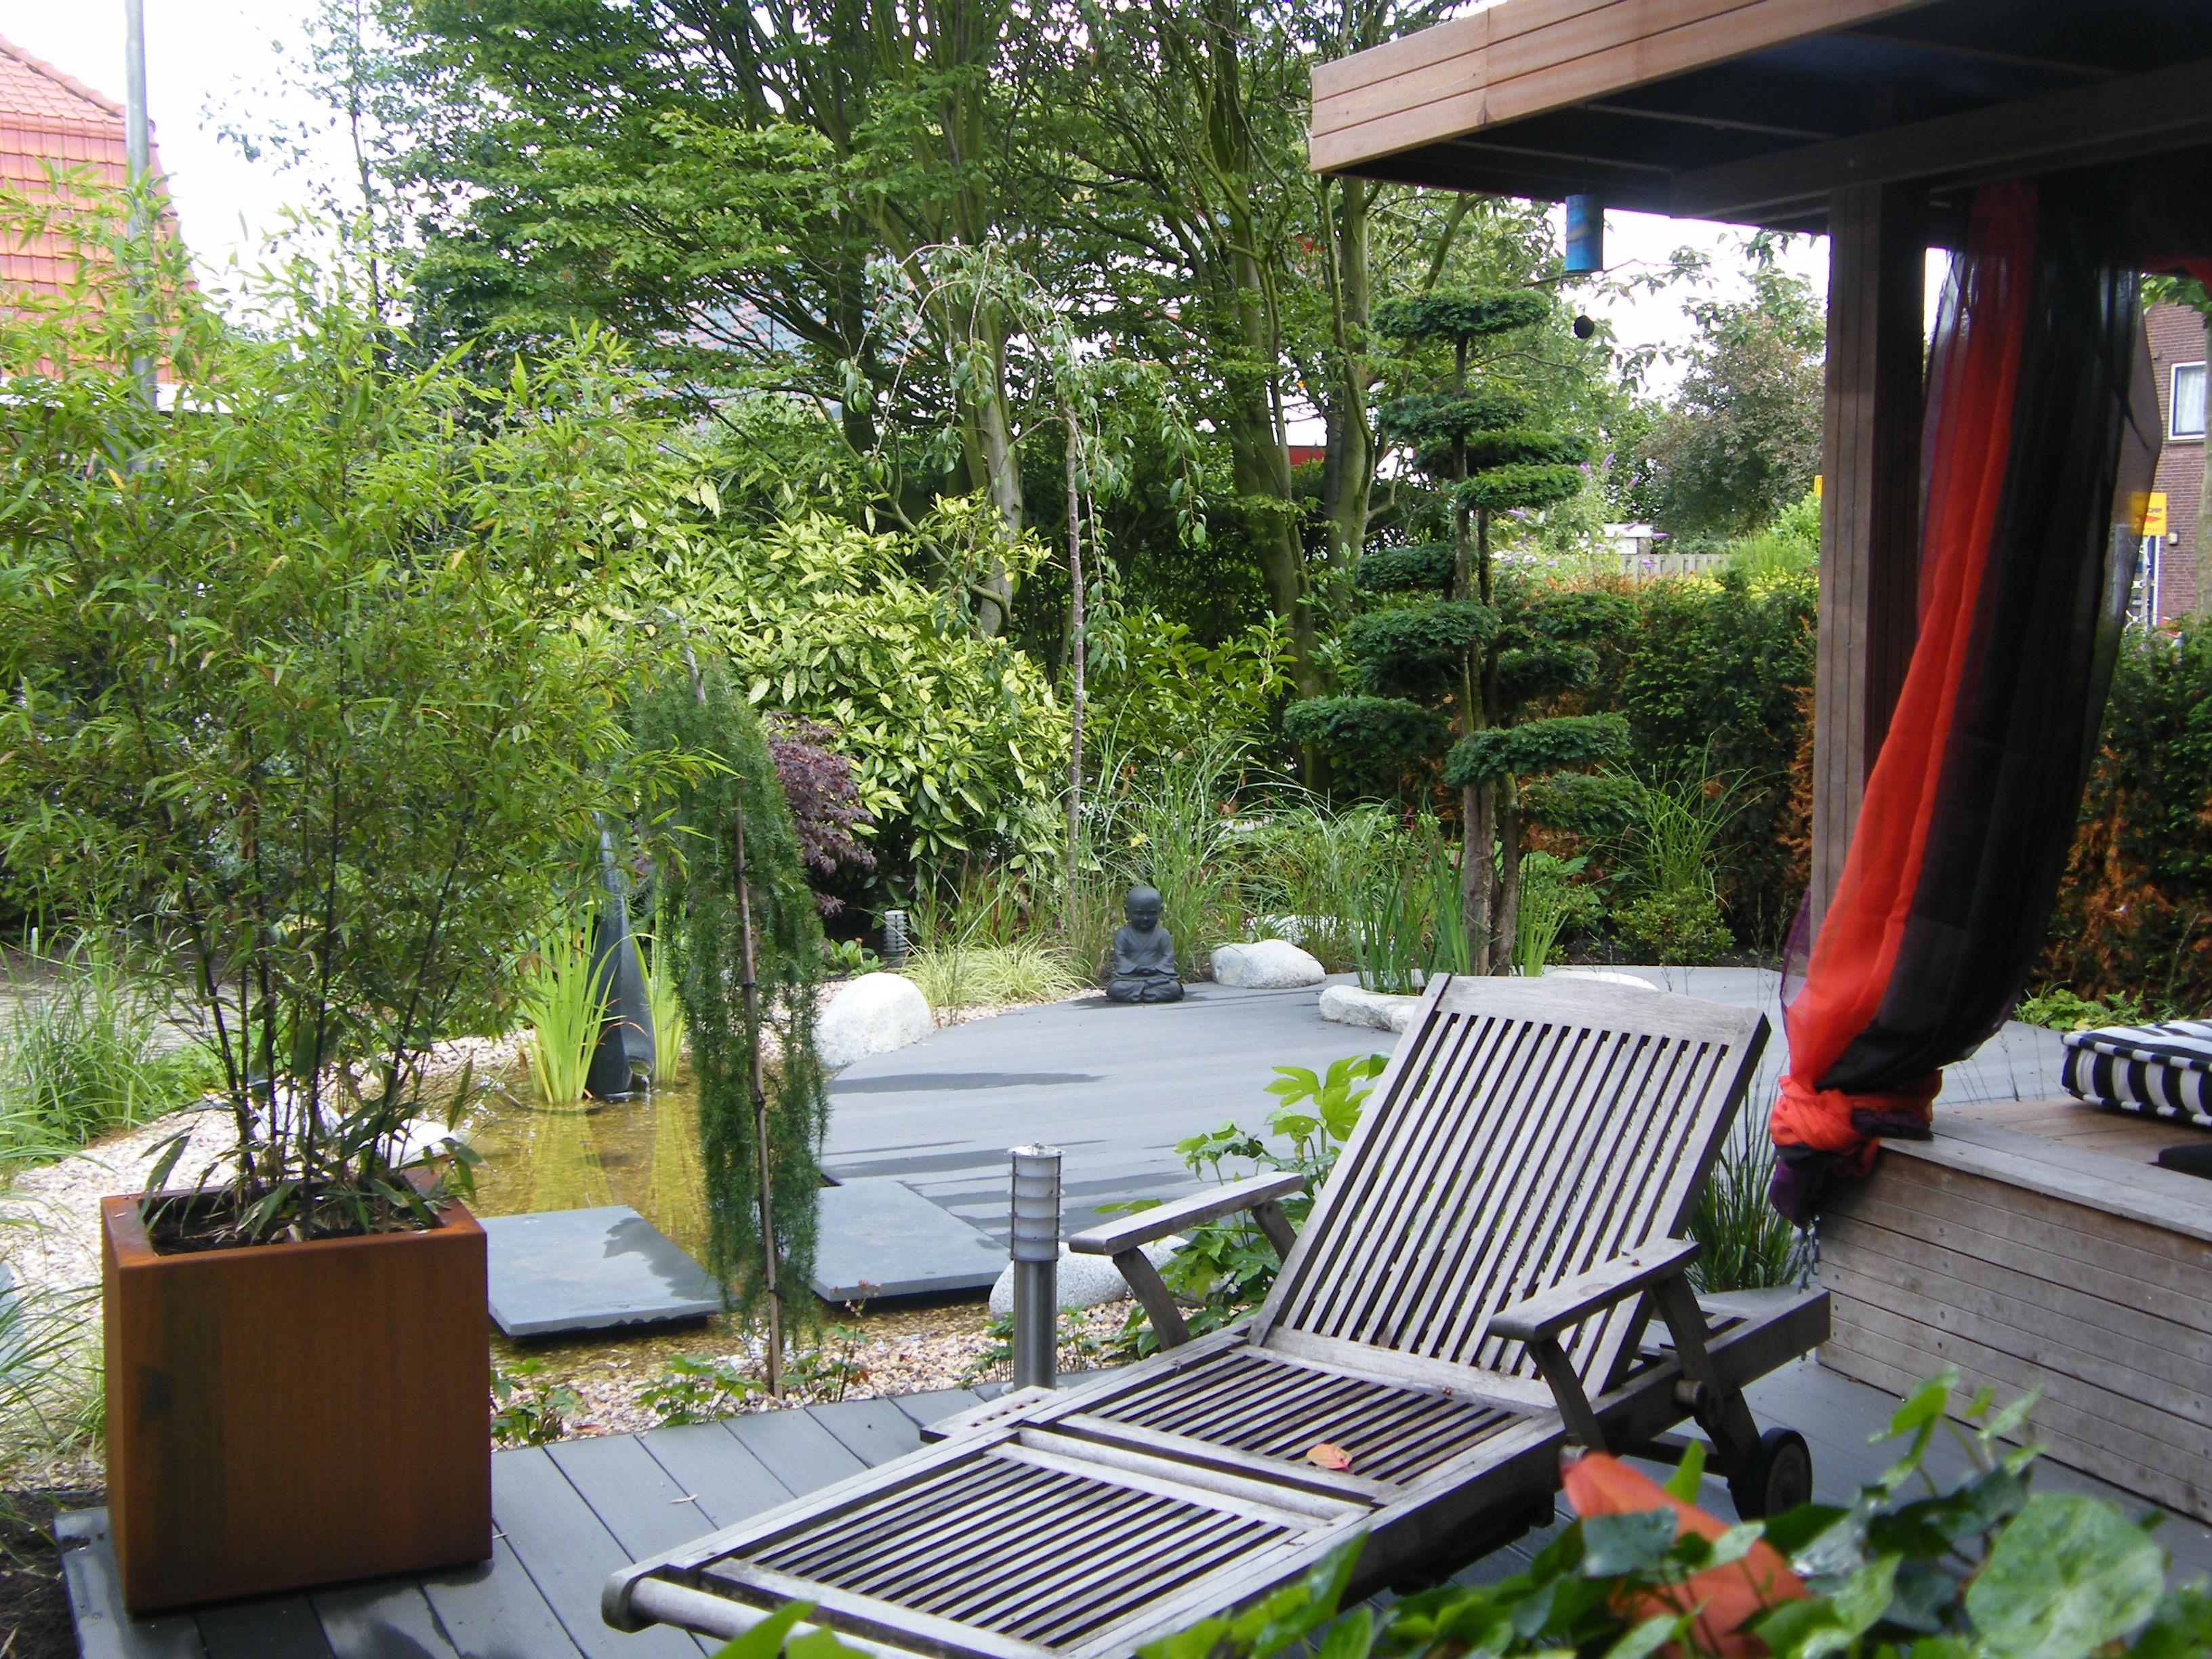 Welke wand kleur slaapkamer feng shui m bel ideen und home design inspiration - Kleur feng shui slaapkamer ...